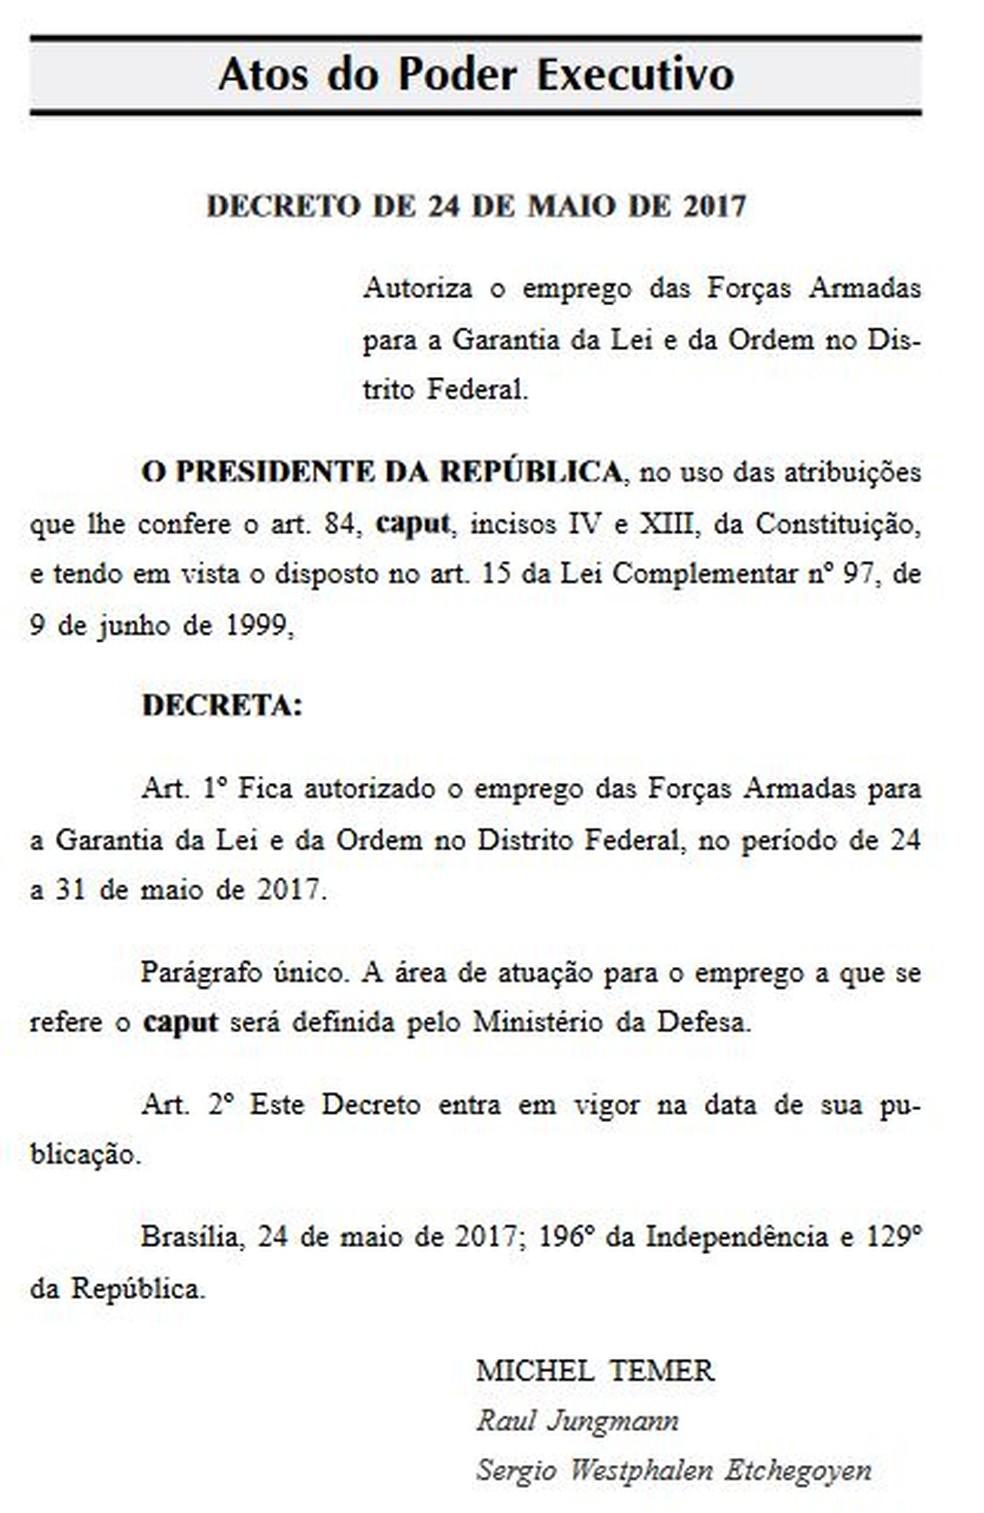 Decreto de Temer sobre a garantia de lei e ordem no DF (Foto: Reprodução/Diário Oficial da União)